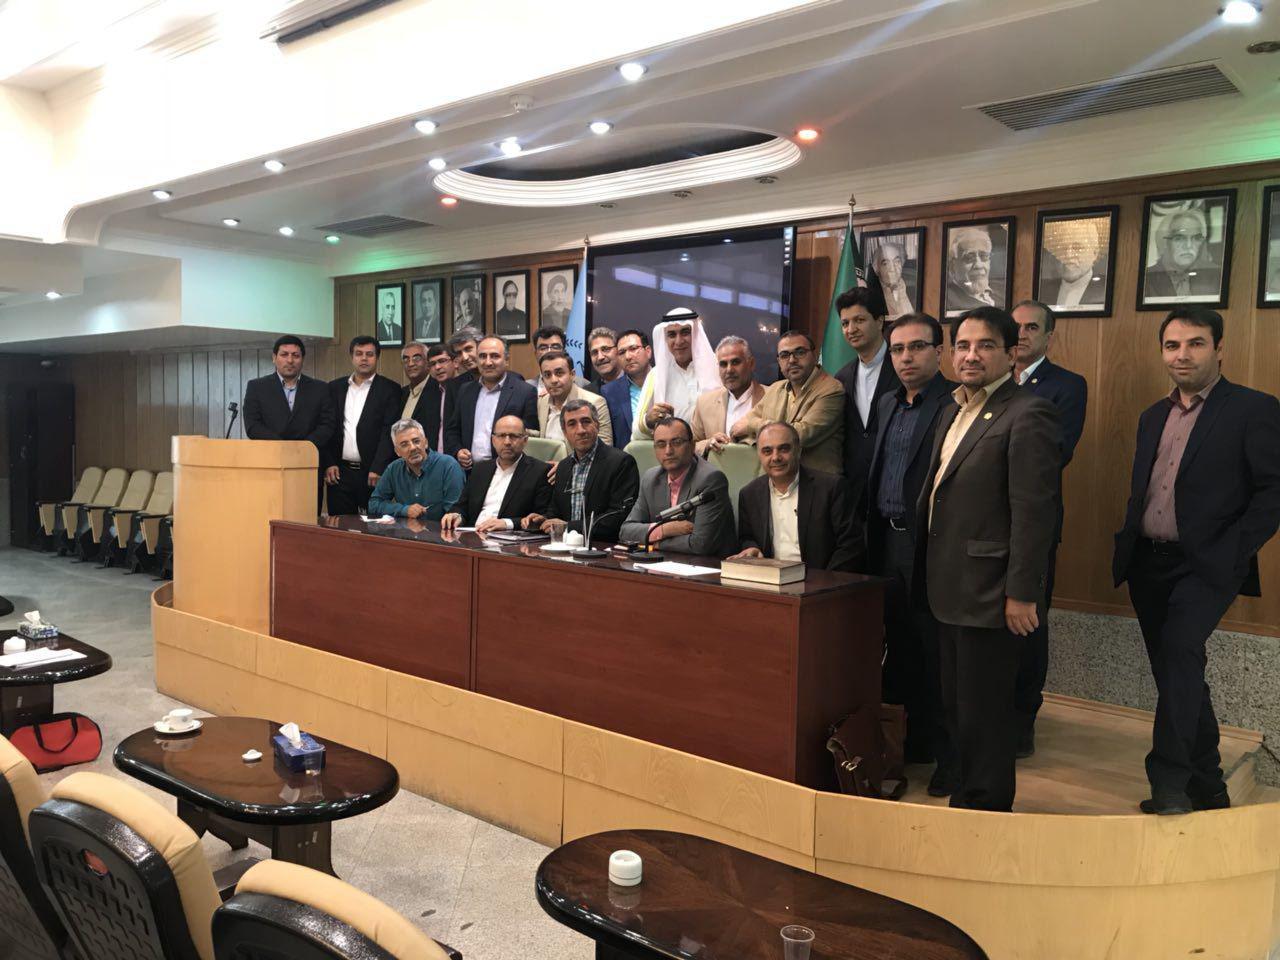 نشست کمیته پارلمانی | پنجشنبه ۱۴تیرماه | سالن اجتماعات کانون تهران